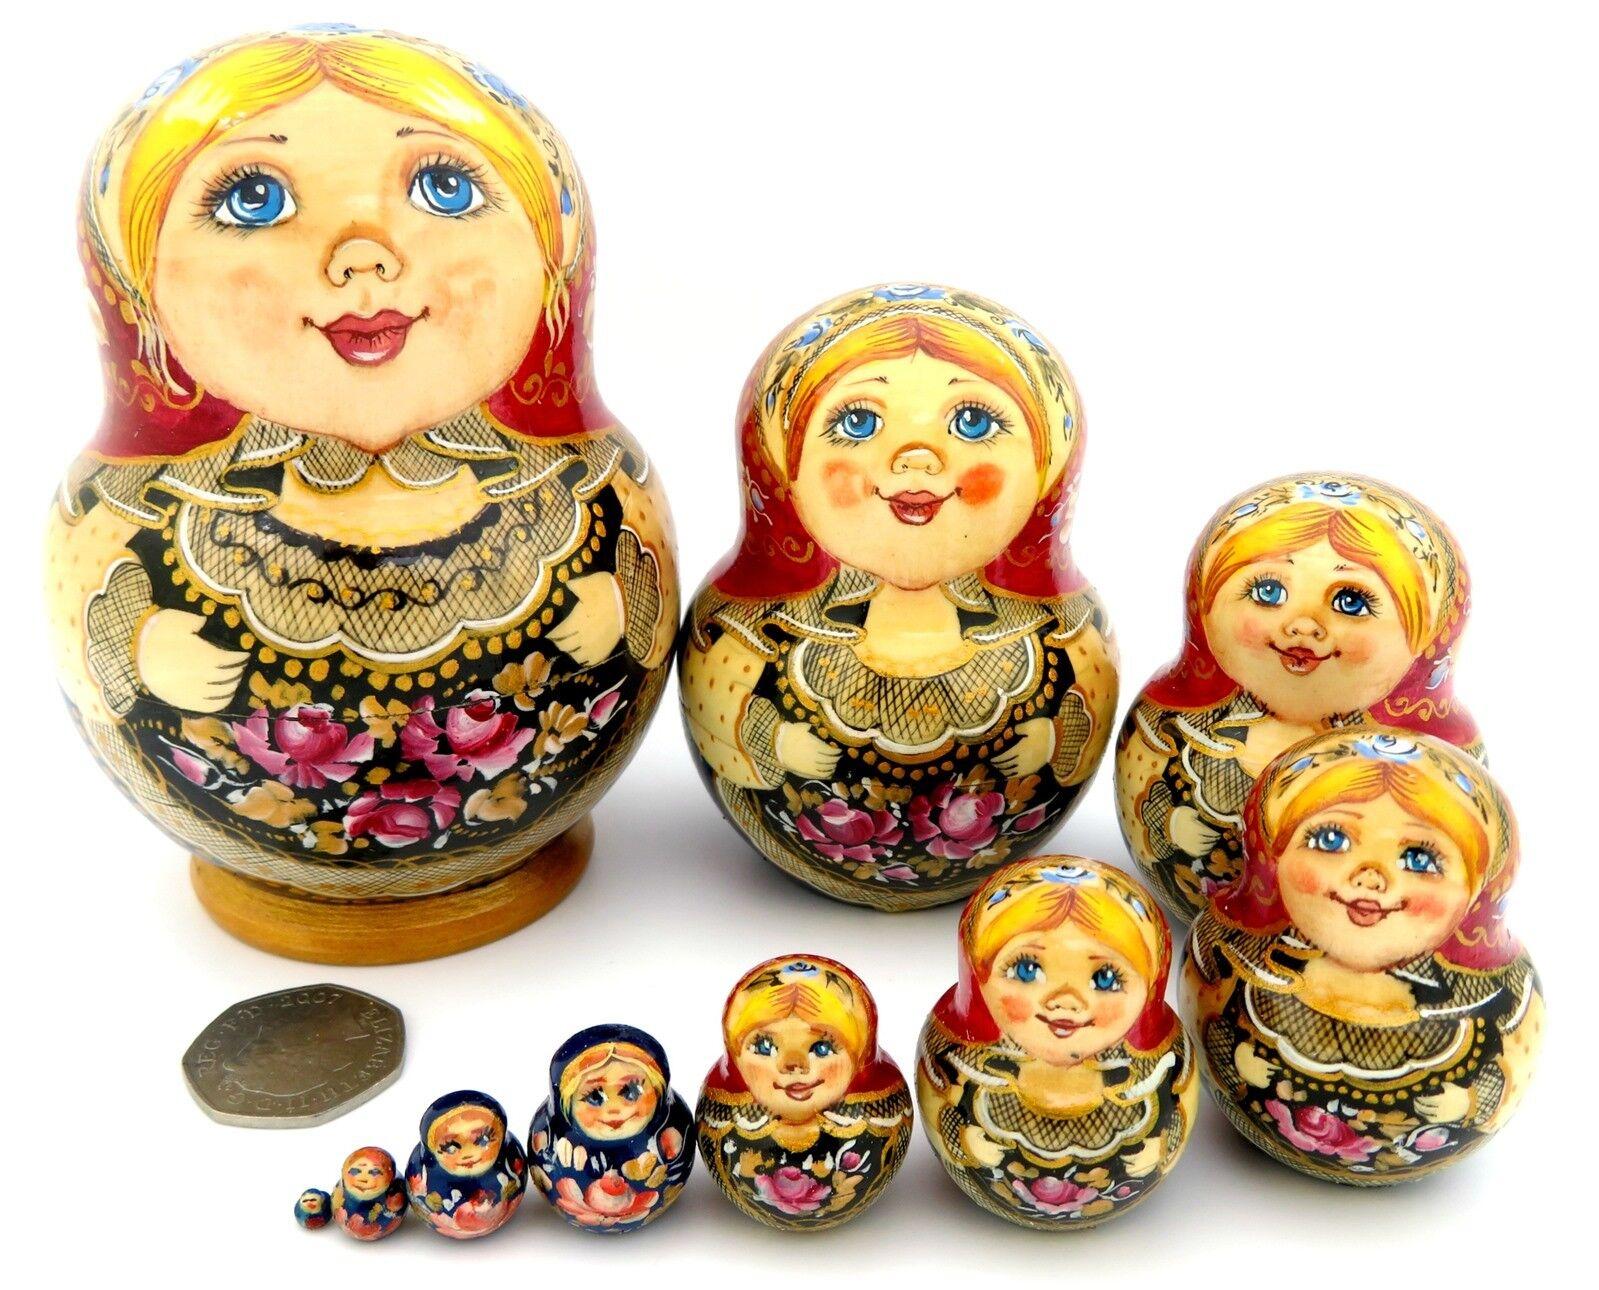 Rot Kopftuch Blau Babuschka Russische Stapelbare Puppen 10 Verschachtelte